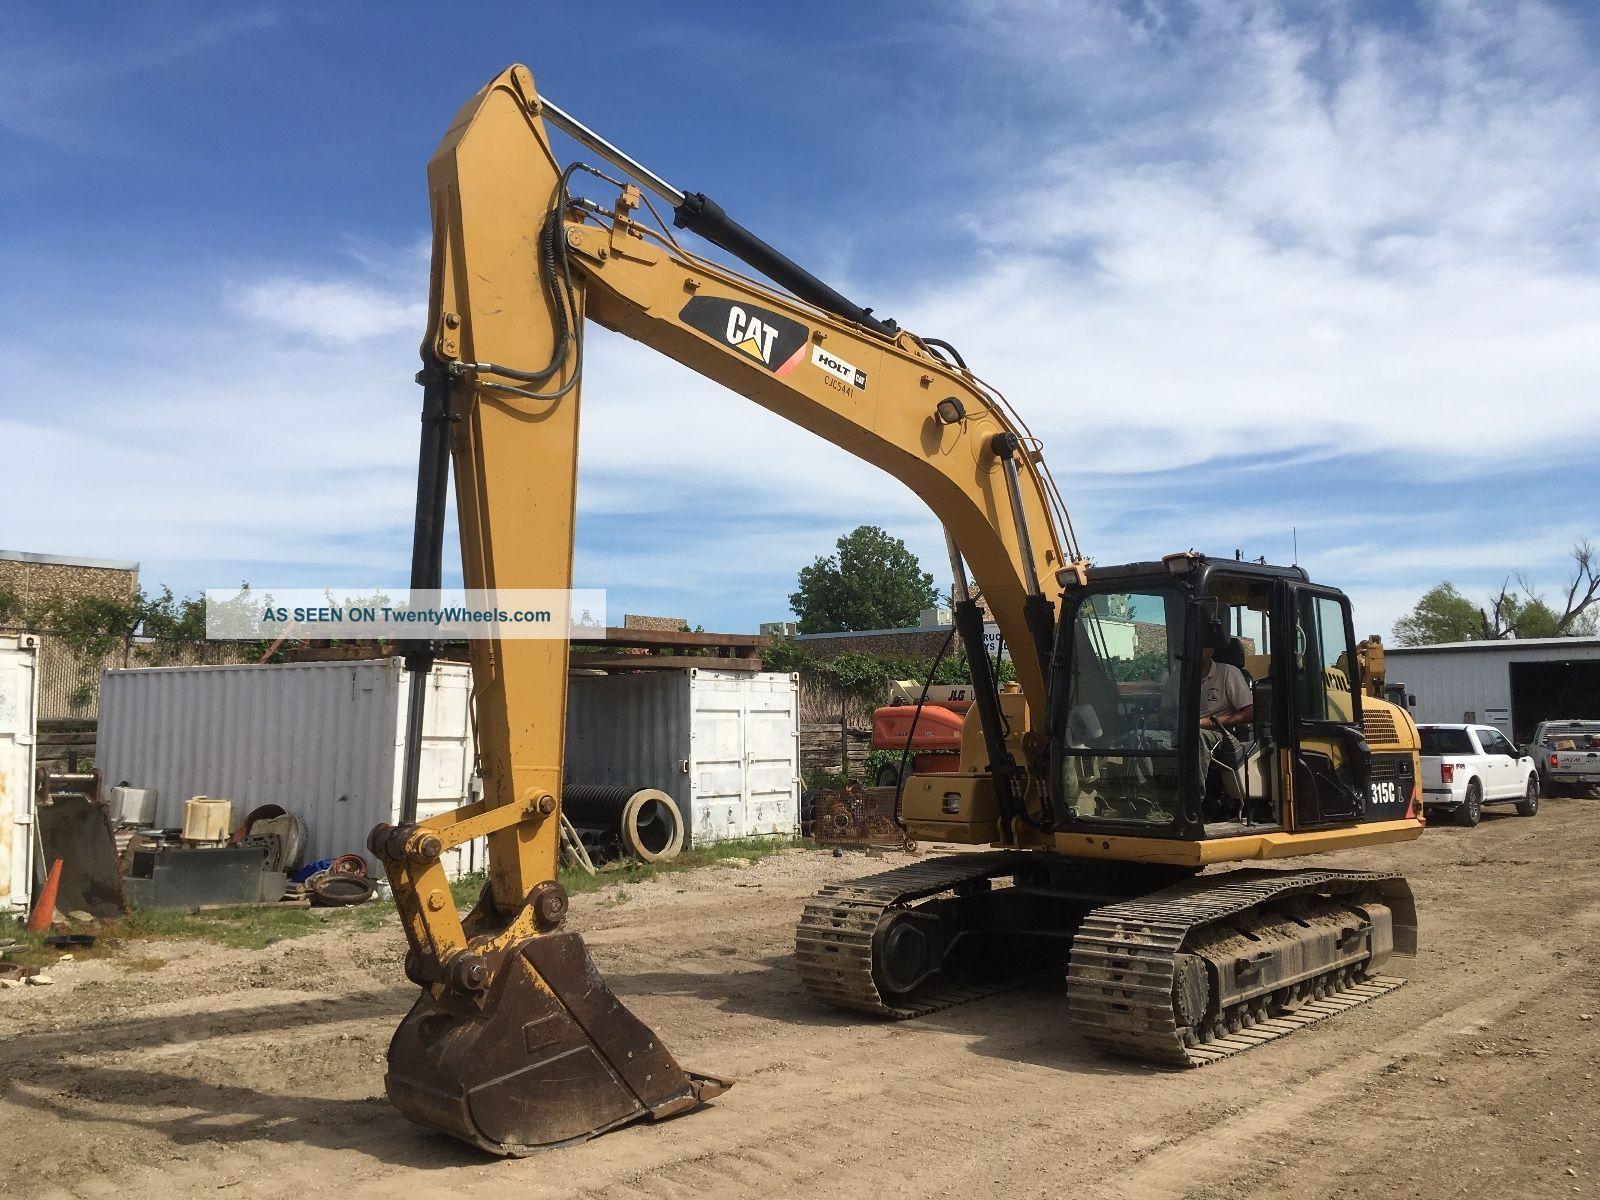 2007 Caterpillar Cat 315cl Excavator; Tx Machine; 3821 Hrs Excavators photo